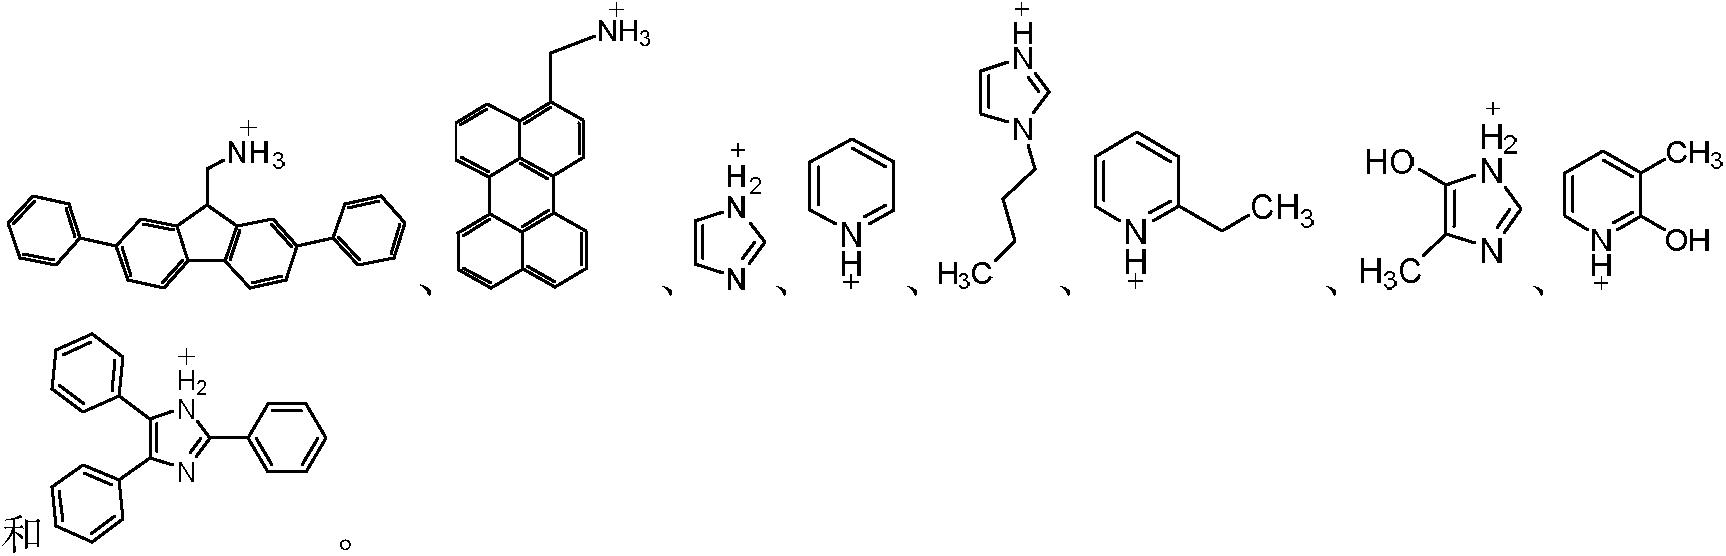 Figure PCTCN2017071351-appb-100002